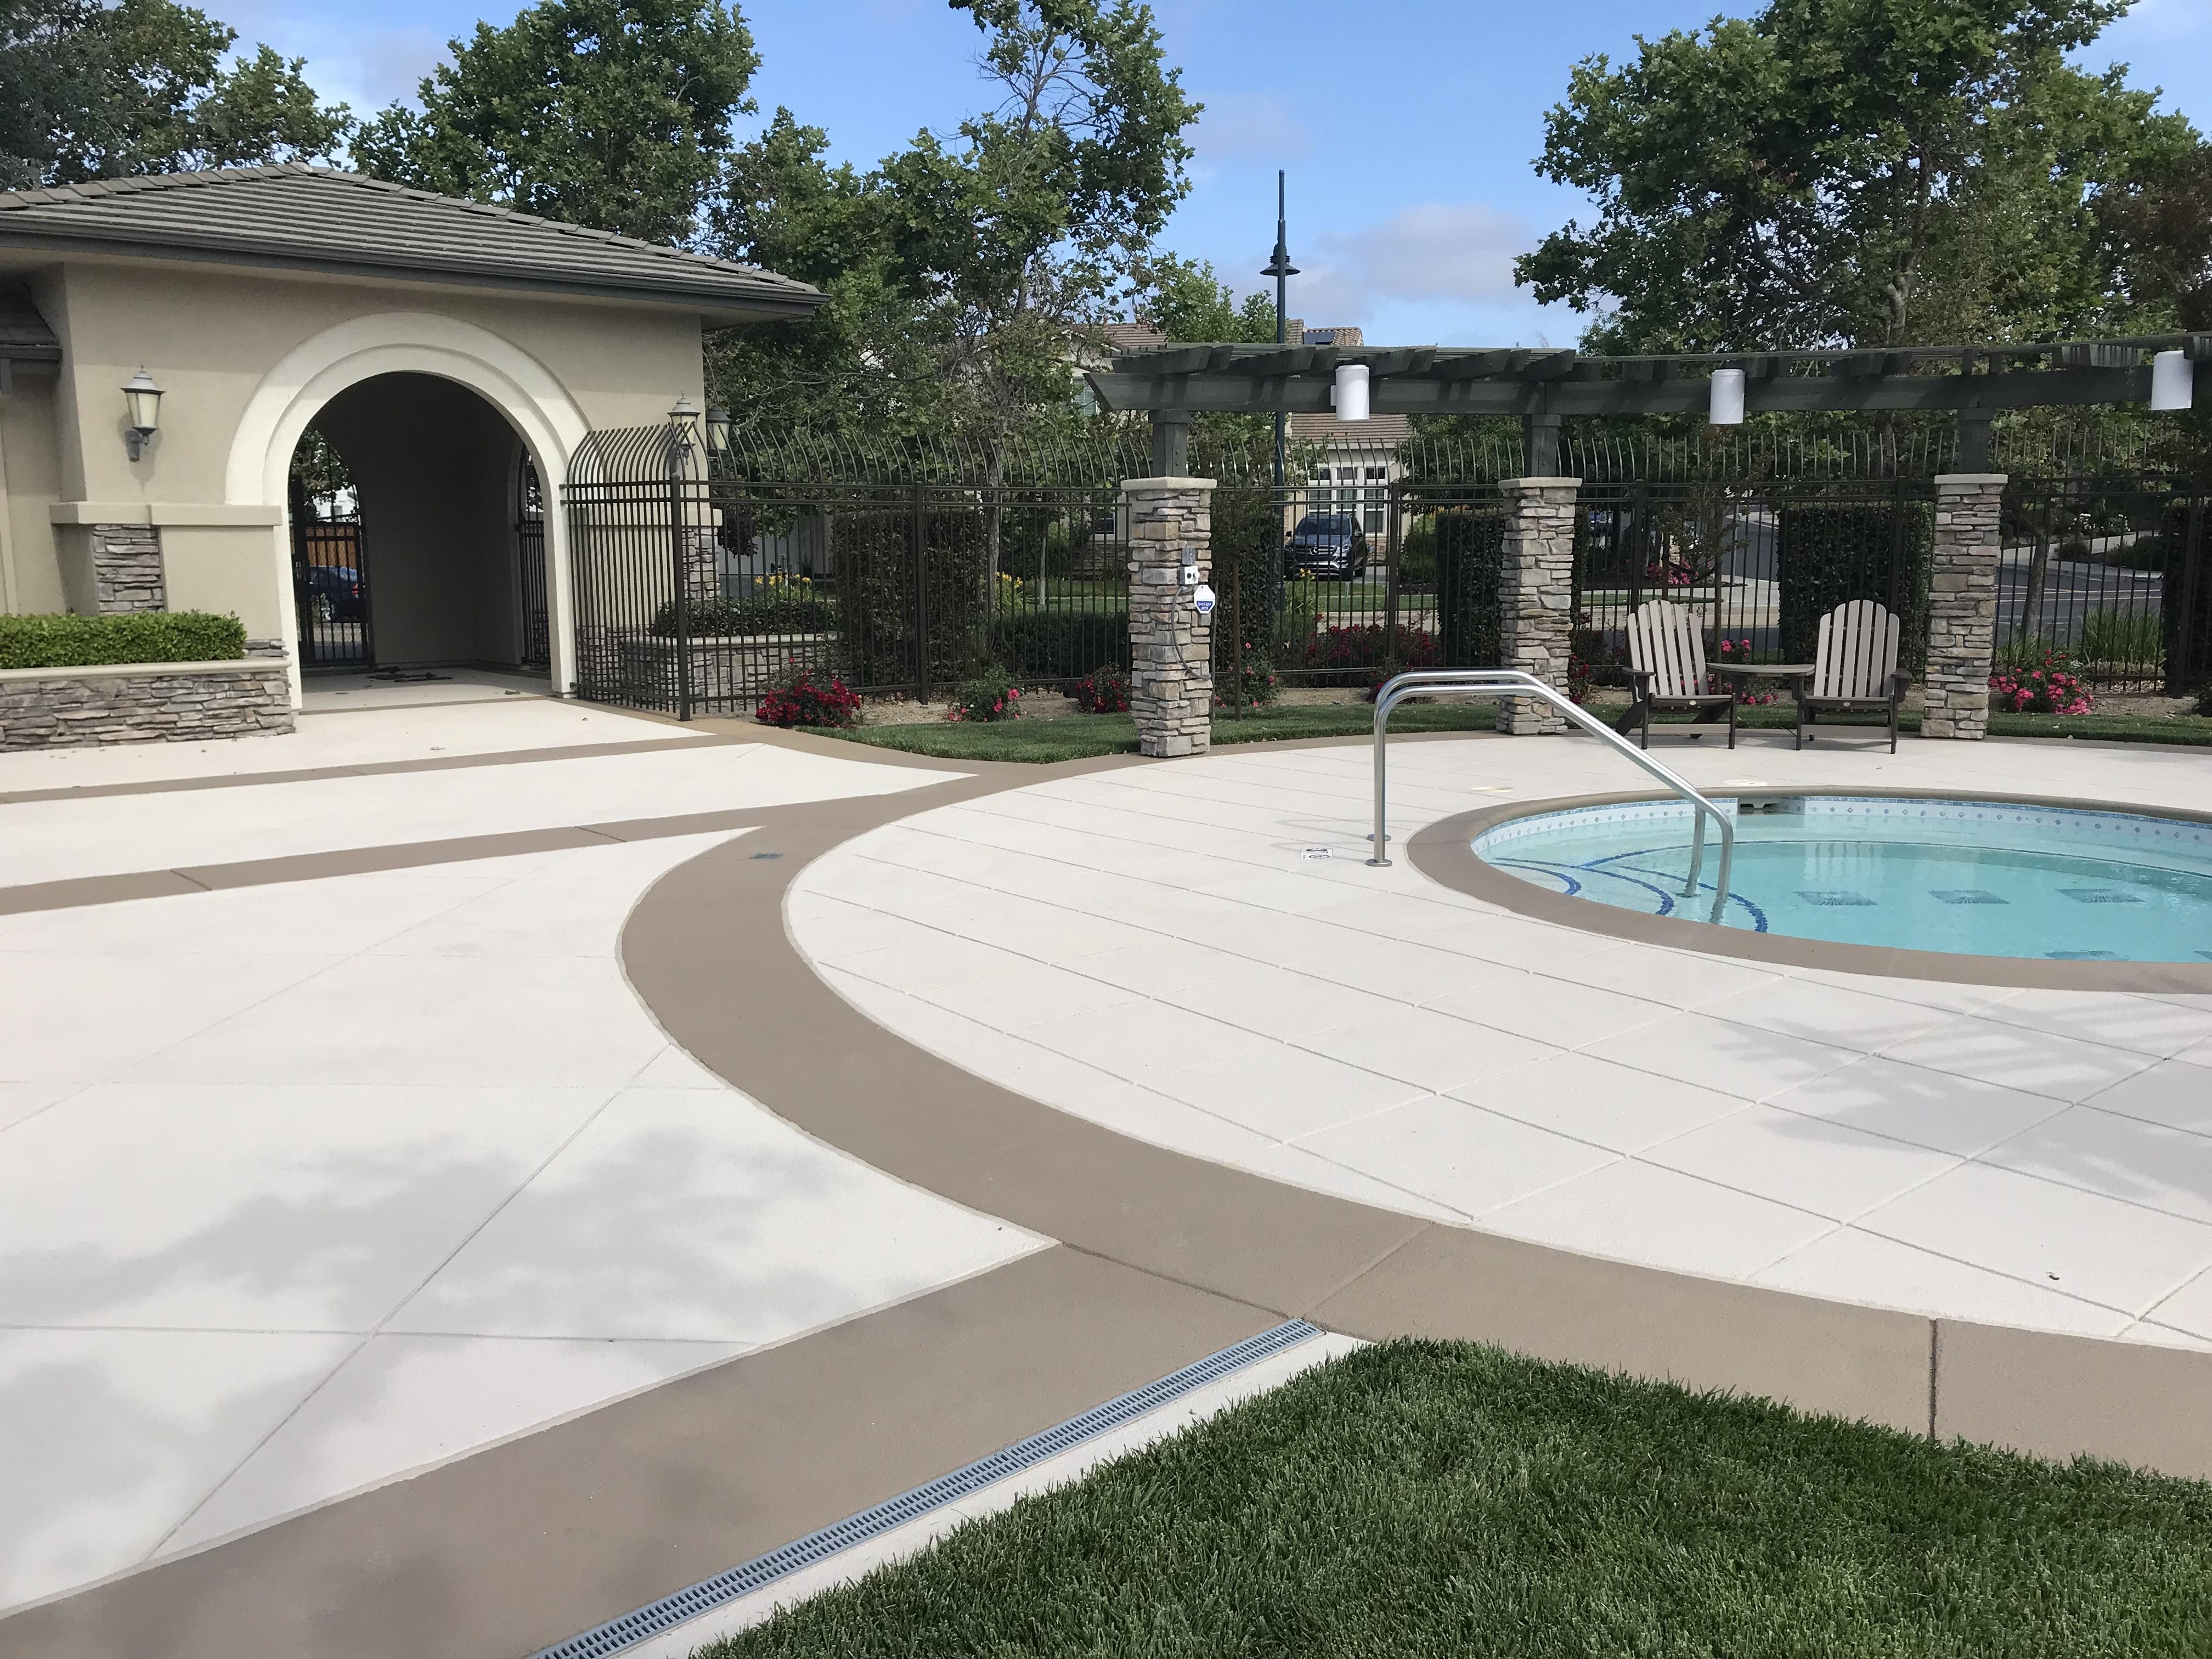 Concrete Reconstruction Projects